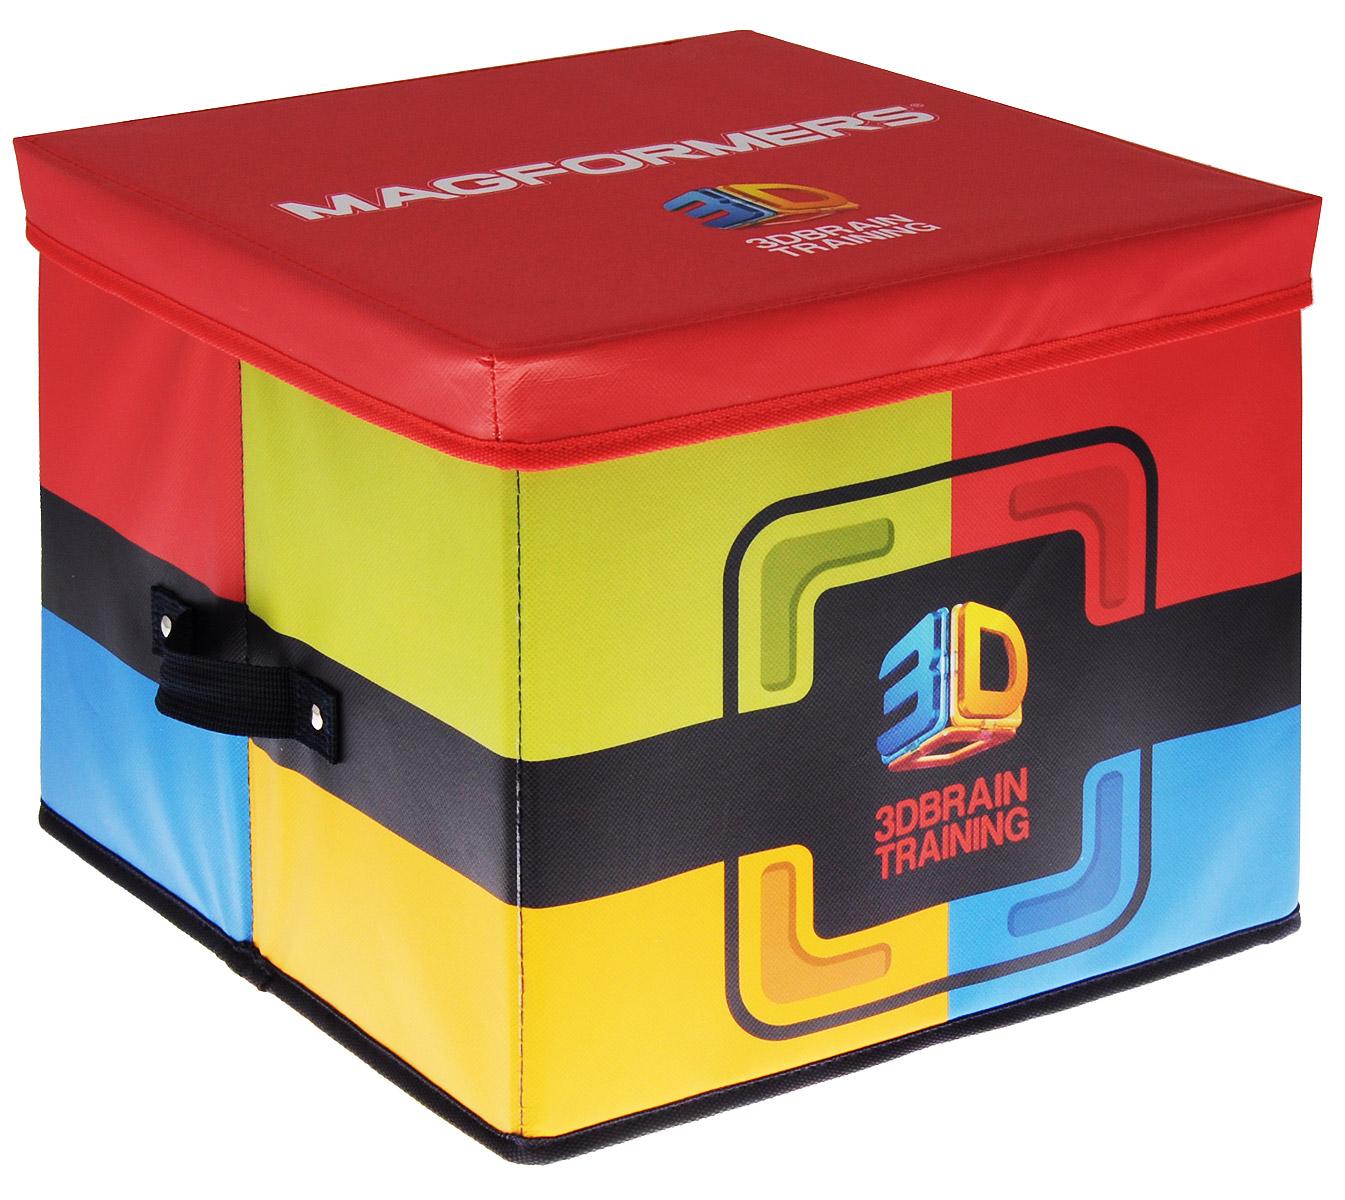 Magformers Коробка для хранения конструктора60100Вы не знаете, где хранить ваш любимый конструктор? Коробка для хранения конструктора Magformers - отличное решение! Коробка имеет два отсека для хранения различных деталей конструктора и карман для книги идей, тематических карт или фотографий ваших построек. Корпус так прочен, что может послужить даже детским стульчиком. Коробка позволит сохранить конструктор и не потерять элементы, а также защитить их от пыли, грязи и влаги. Удобно складывается, что делает его очень компактным при хранении.